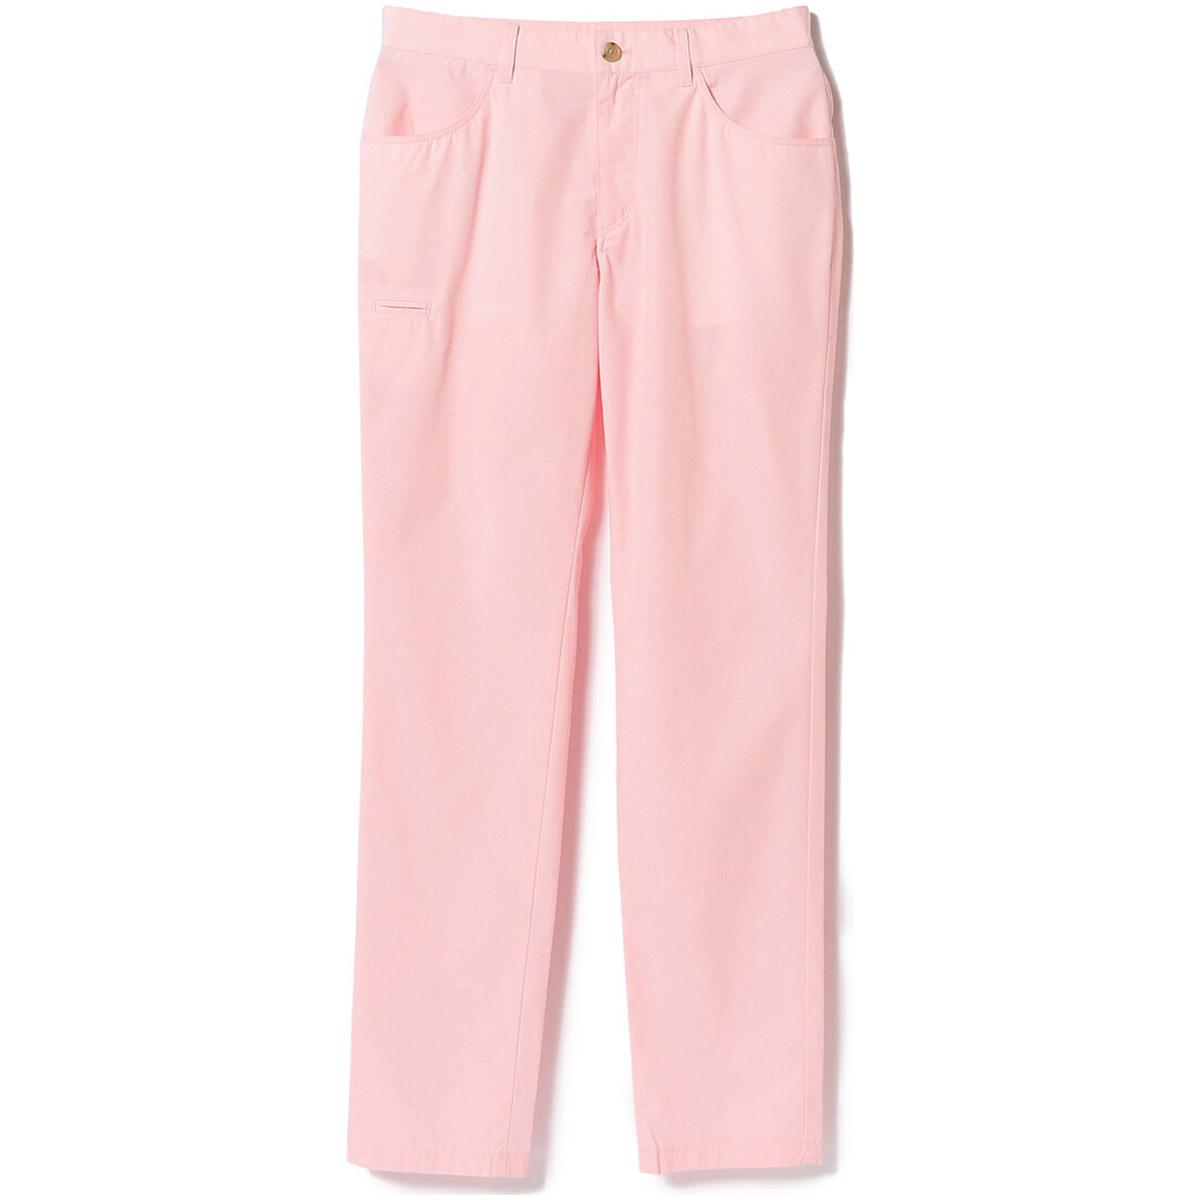 BEAMS GOLF ORANGE LABEL カラー 5ポケット パンツ